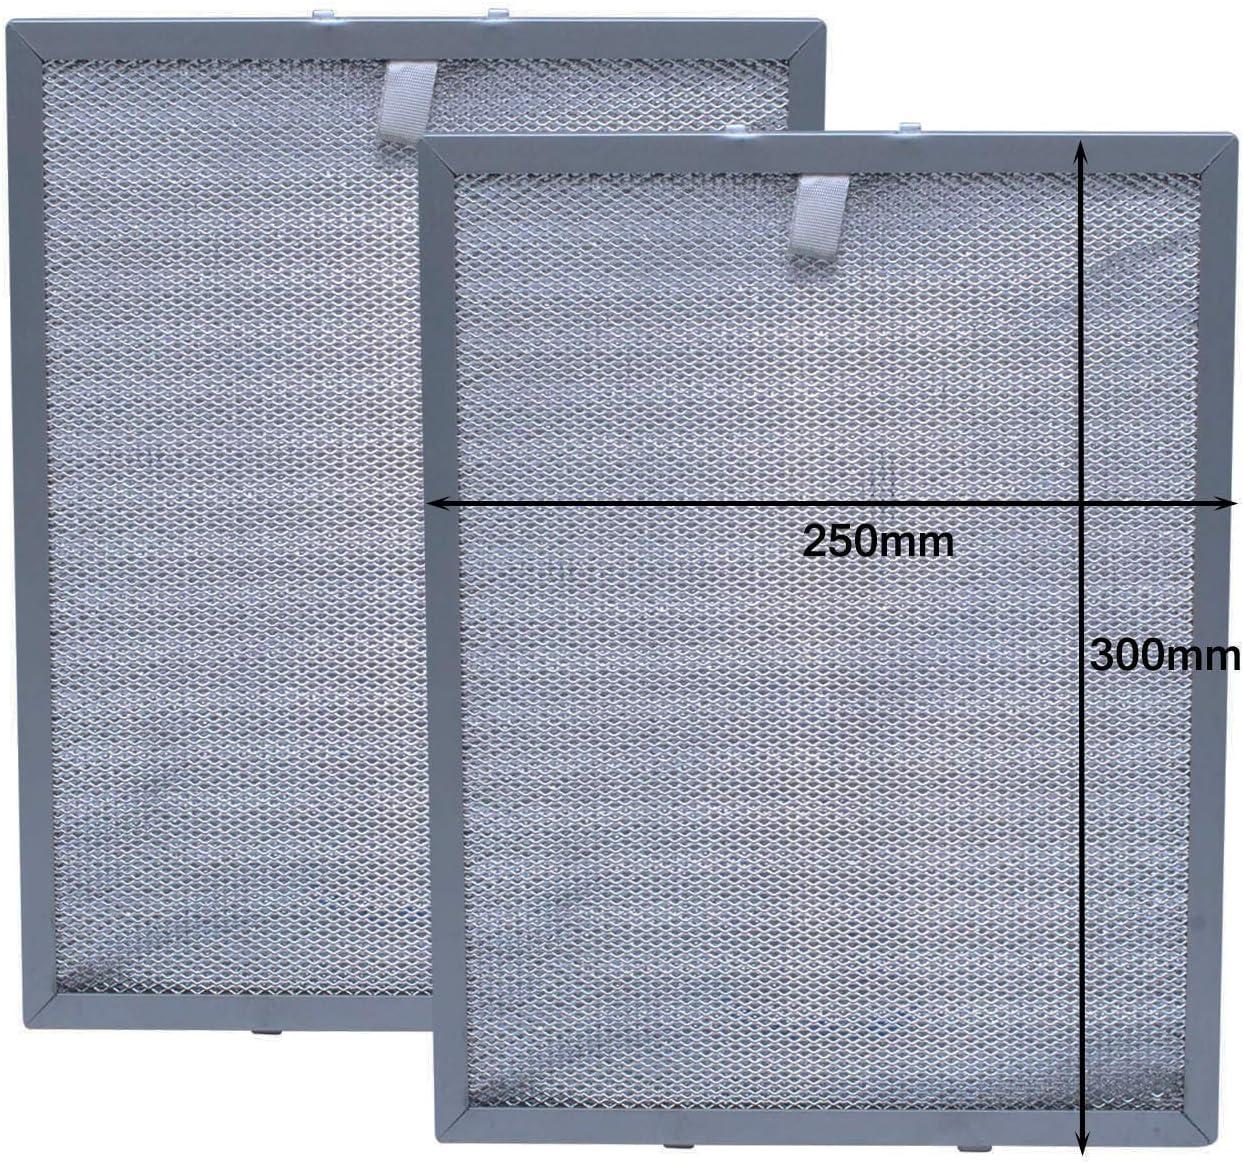 Filtro de Grasa de Malla de Metal para Campana Extractora de Cocina por Poweka (300 x 250 mm,2piezas)